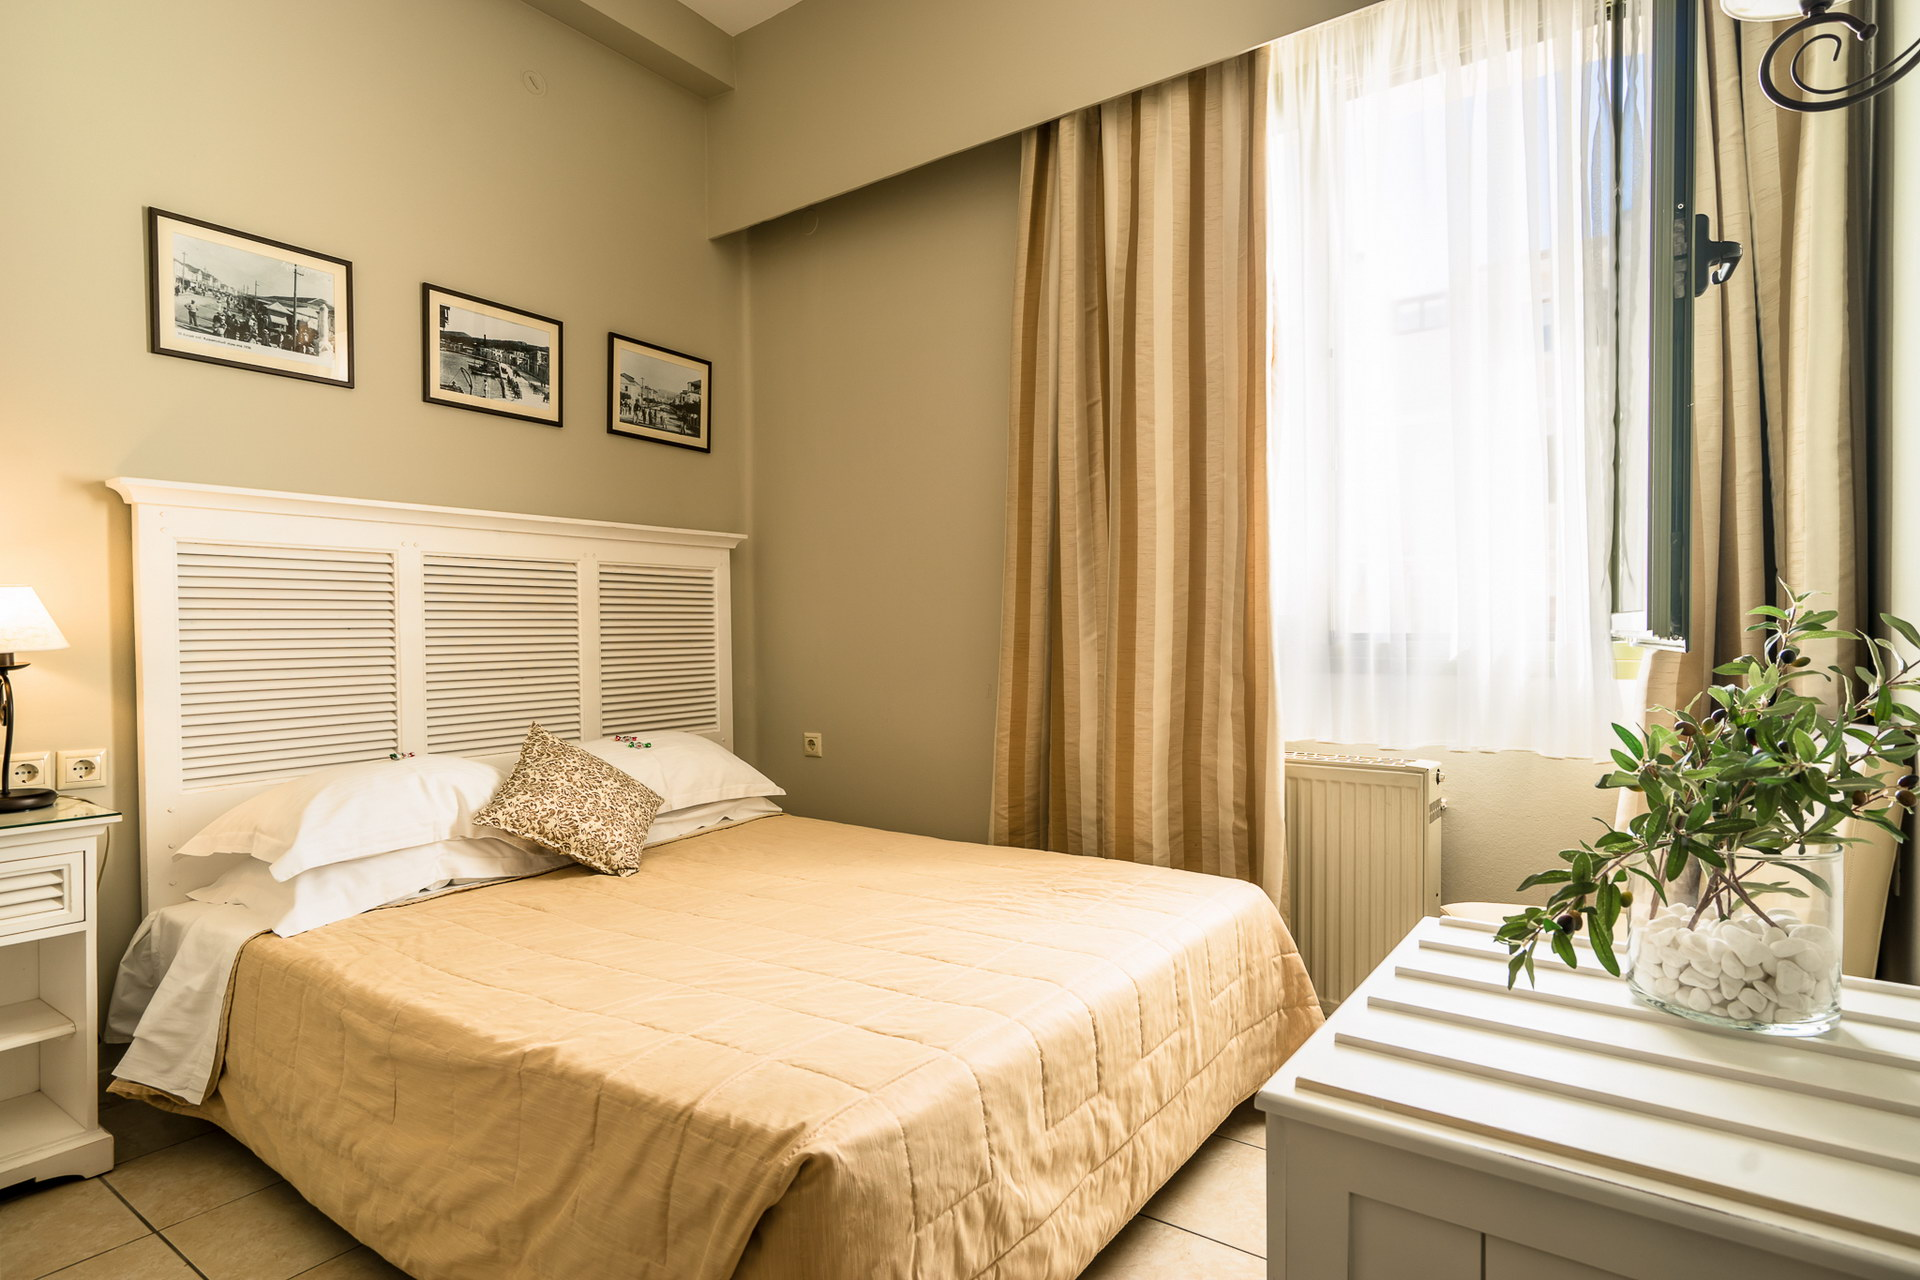 Single economy room with window